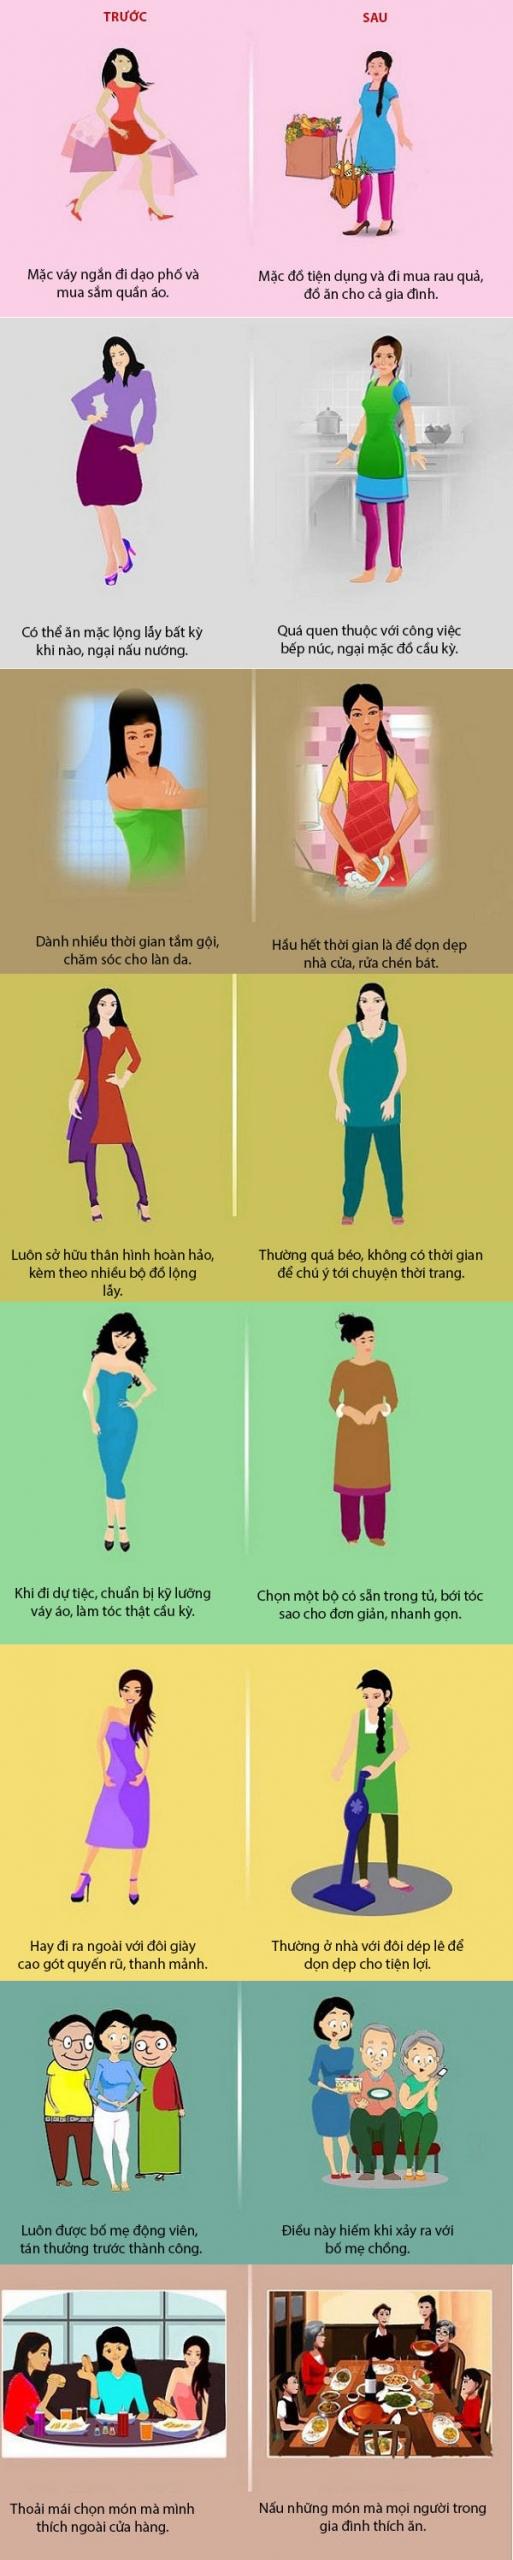 Những khác biệt của phụ nữ trước và sau khi lấy chồng